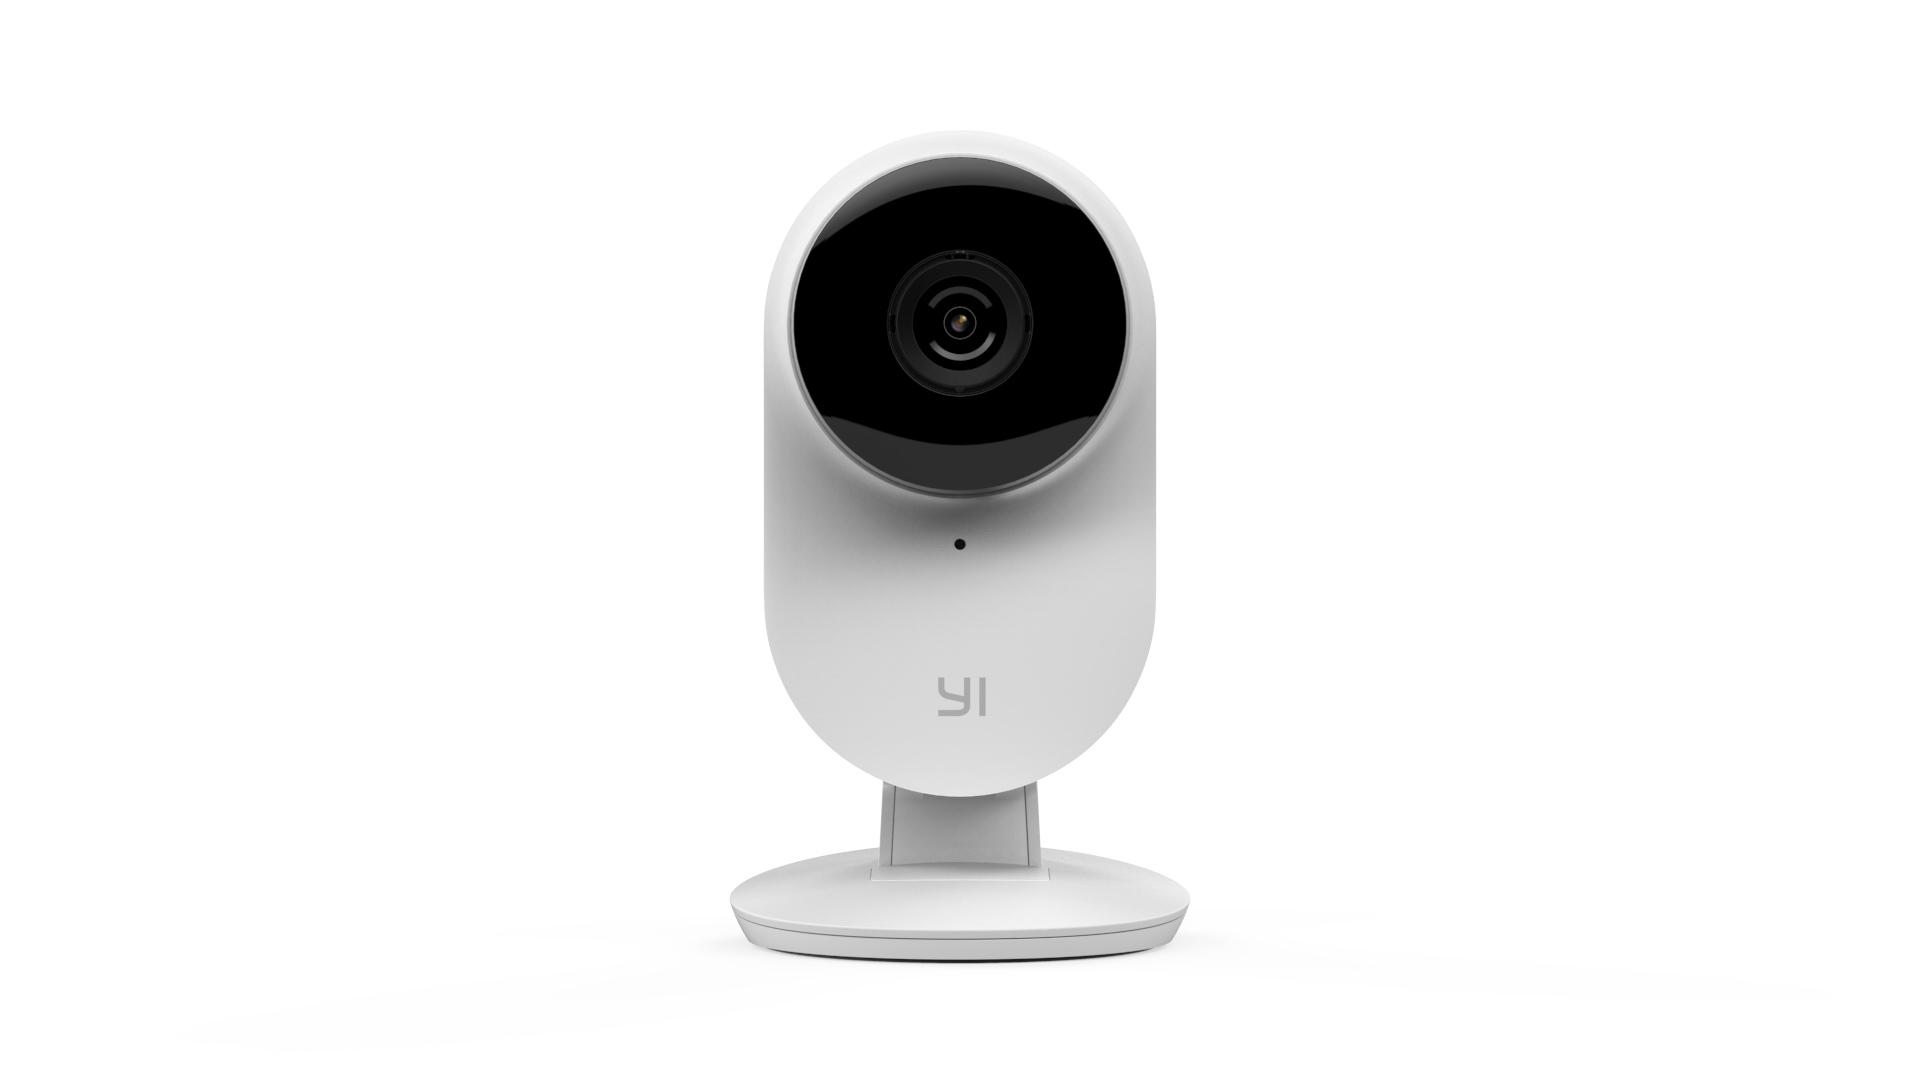 YI 1080p Home Camera 2 | YI Technology